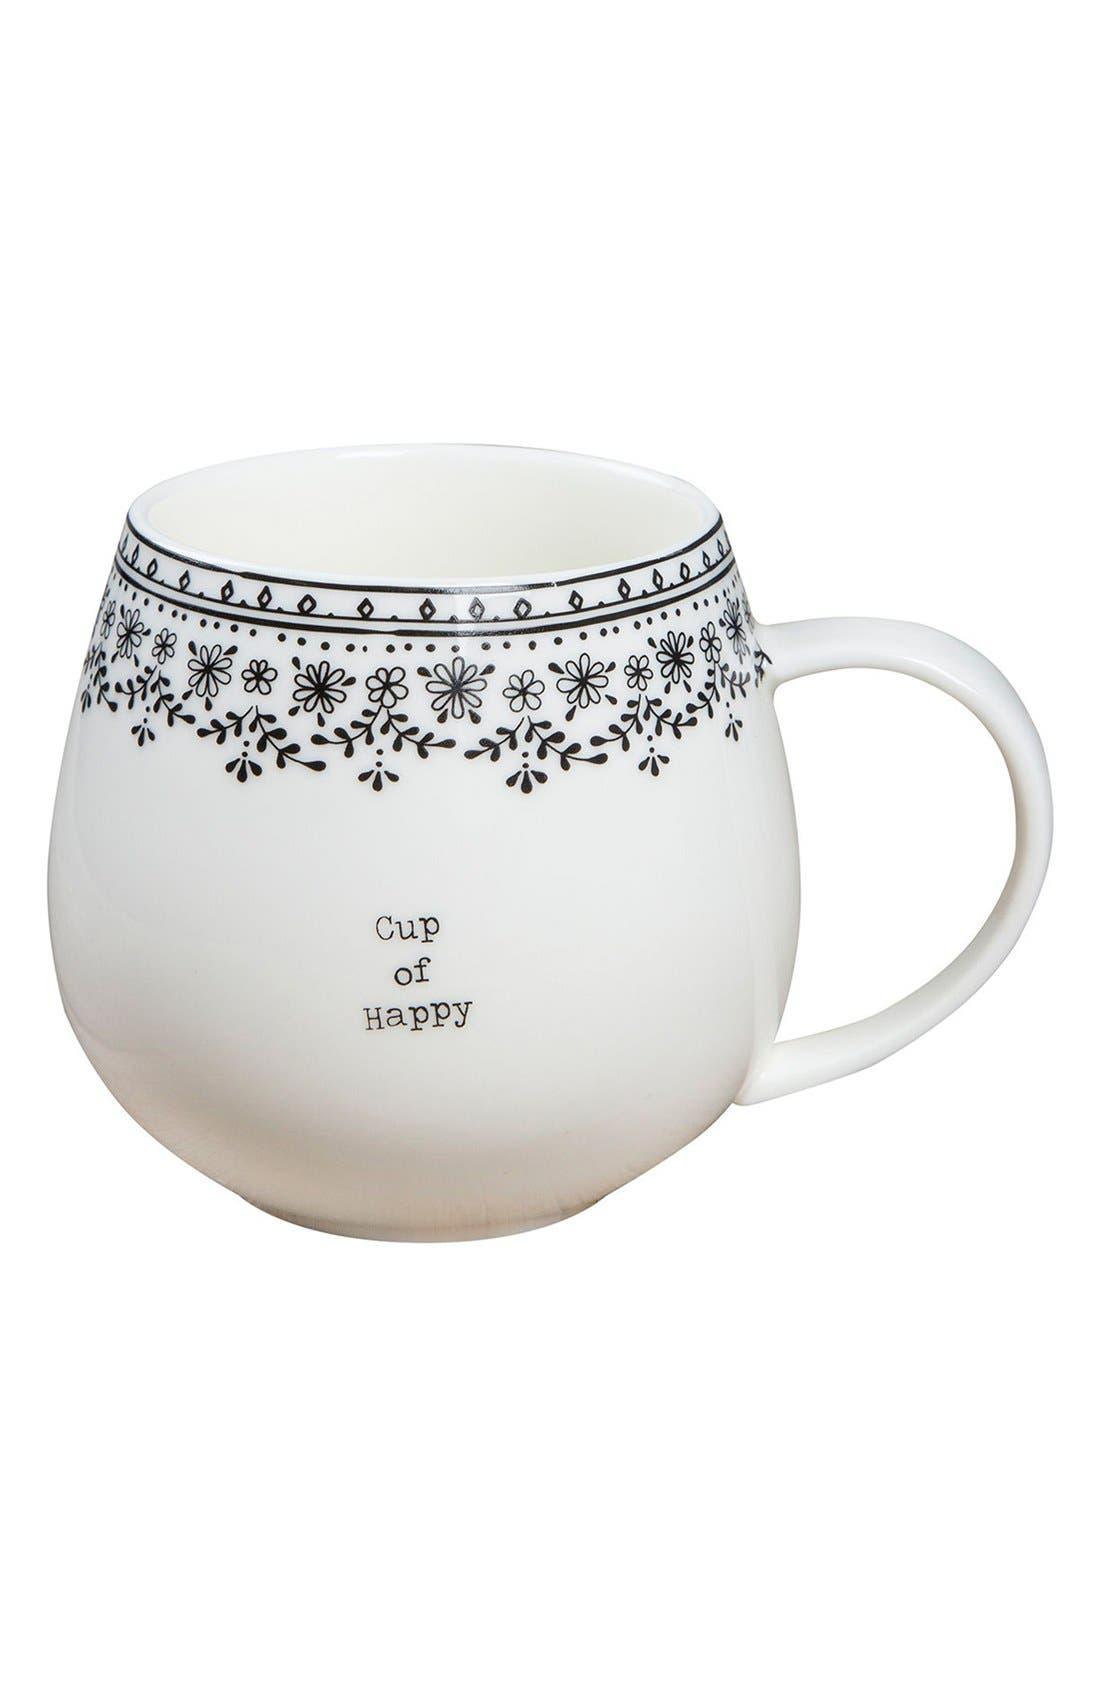 Natural Life 'Cup Of' Ceramic Mug